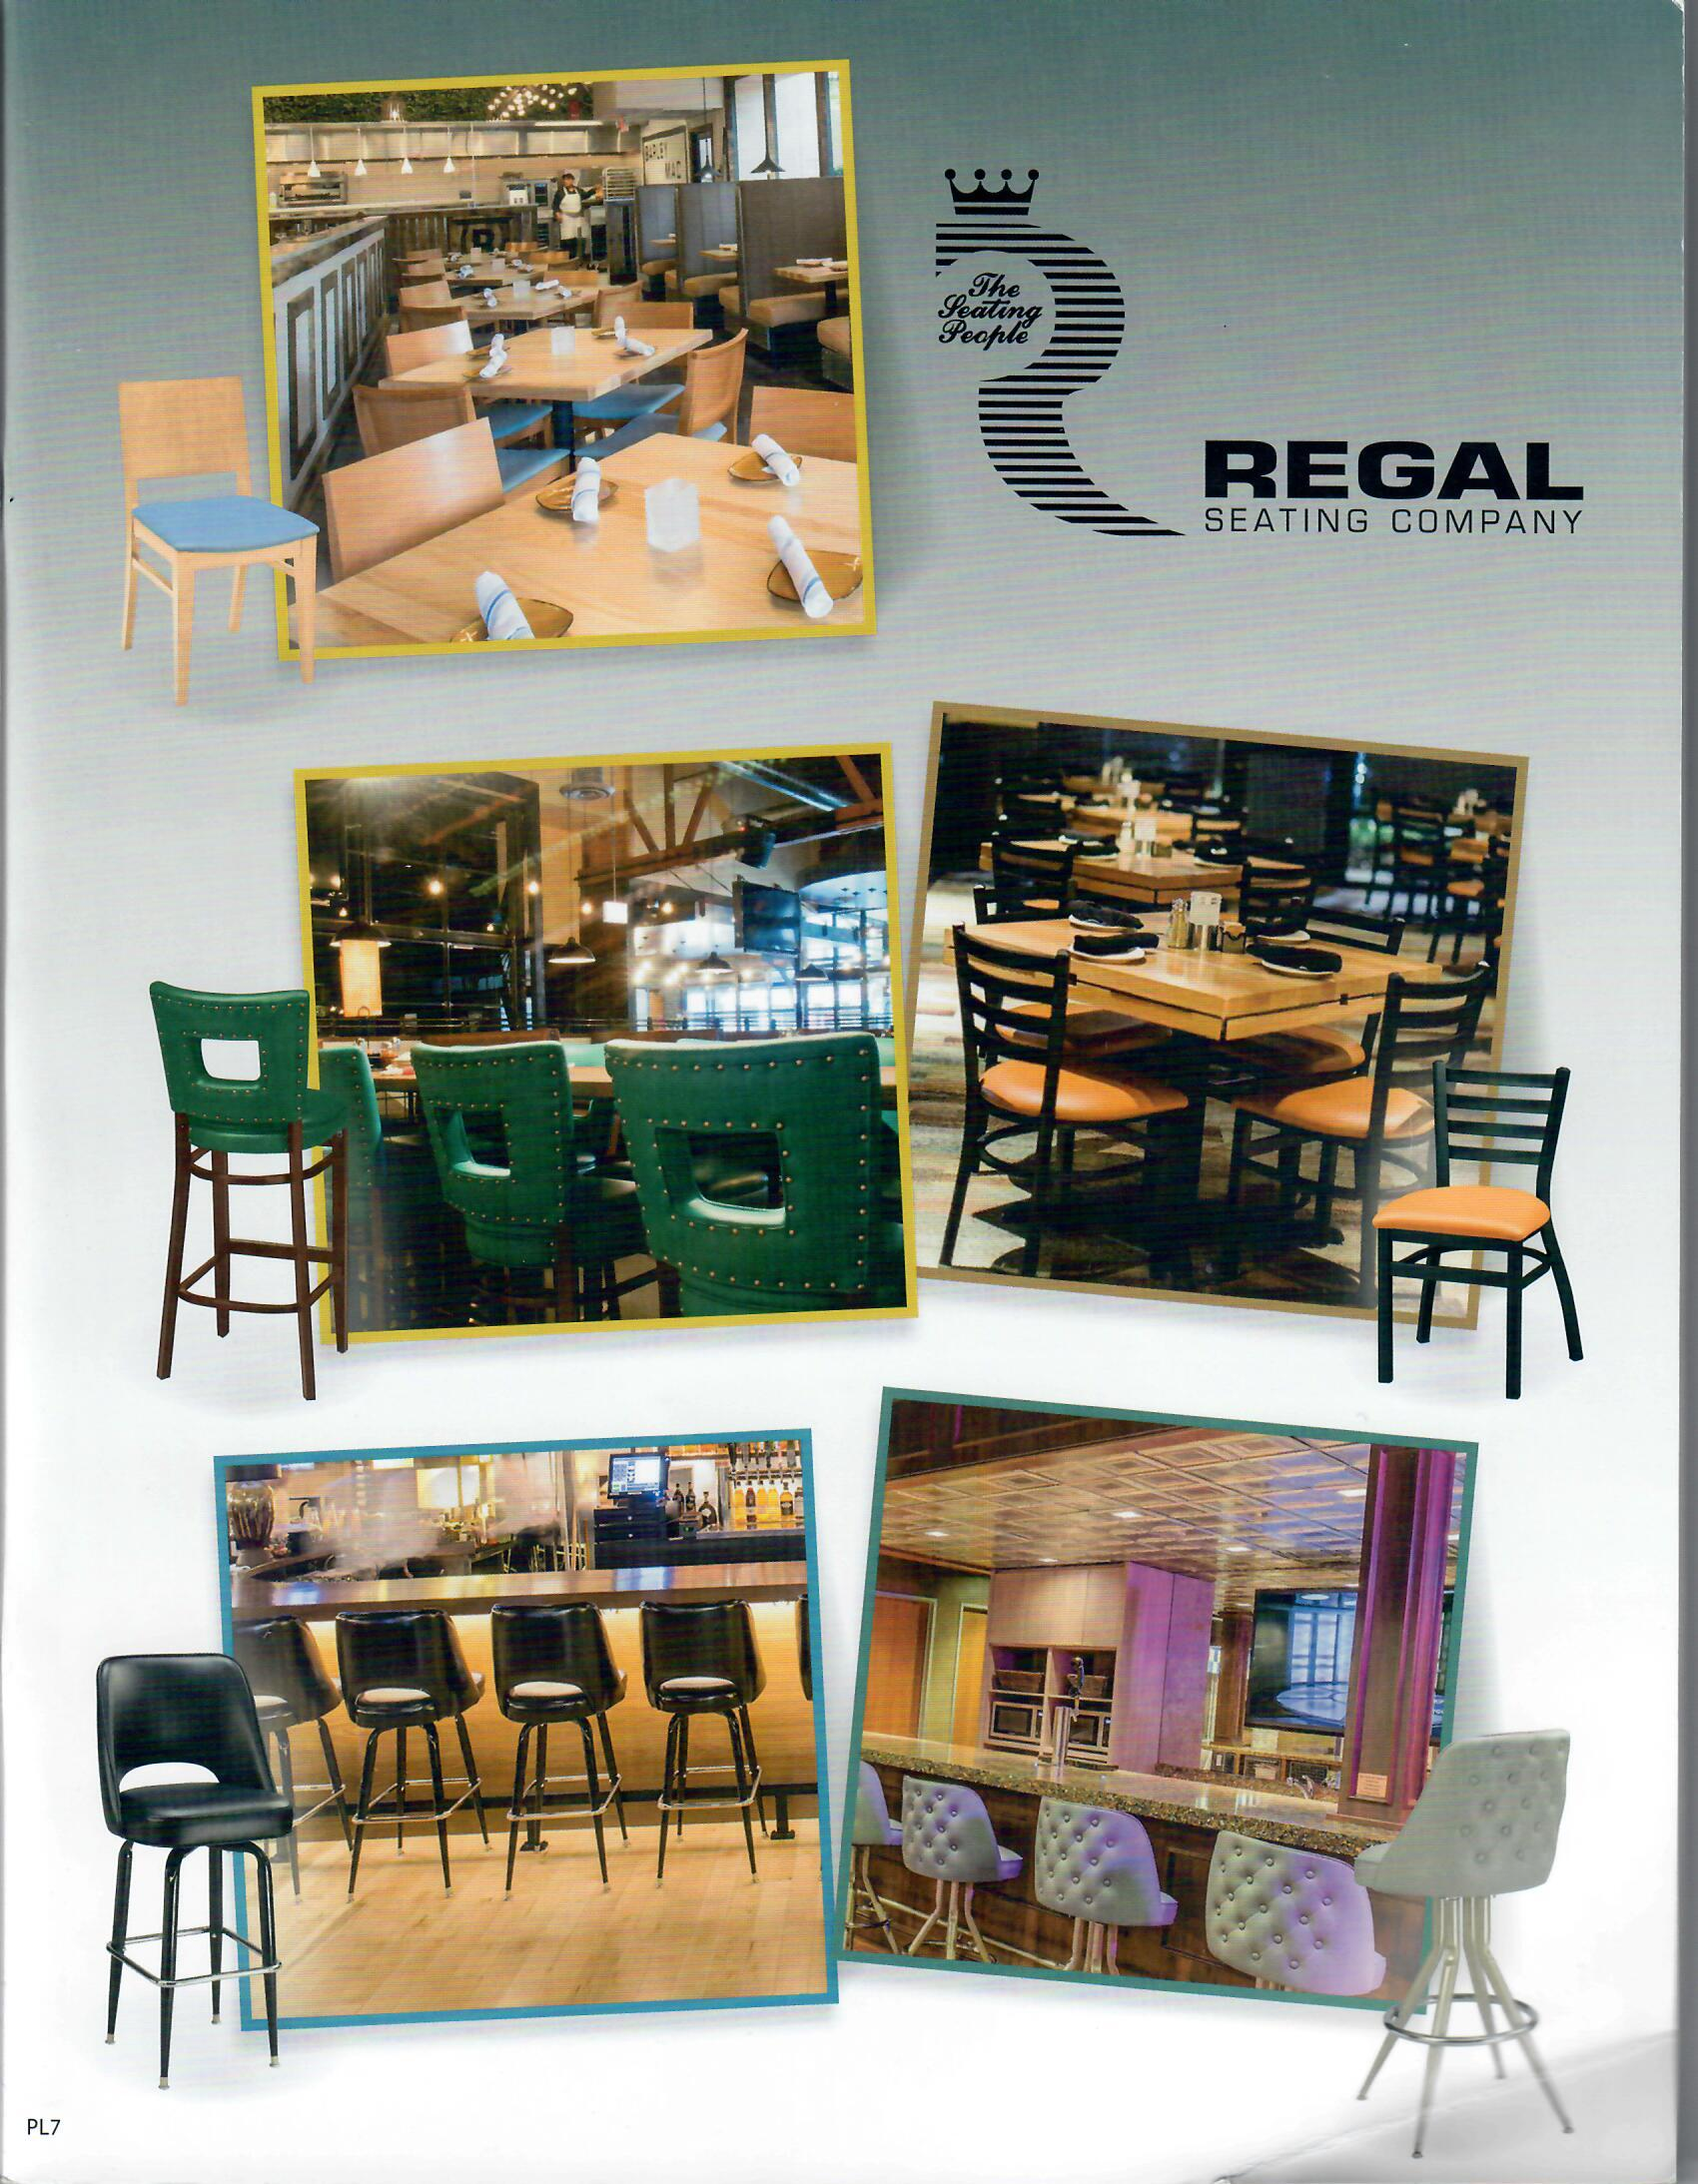 Regal Seating